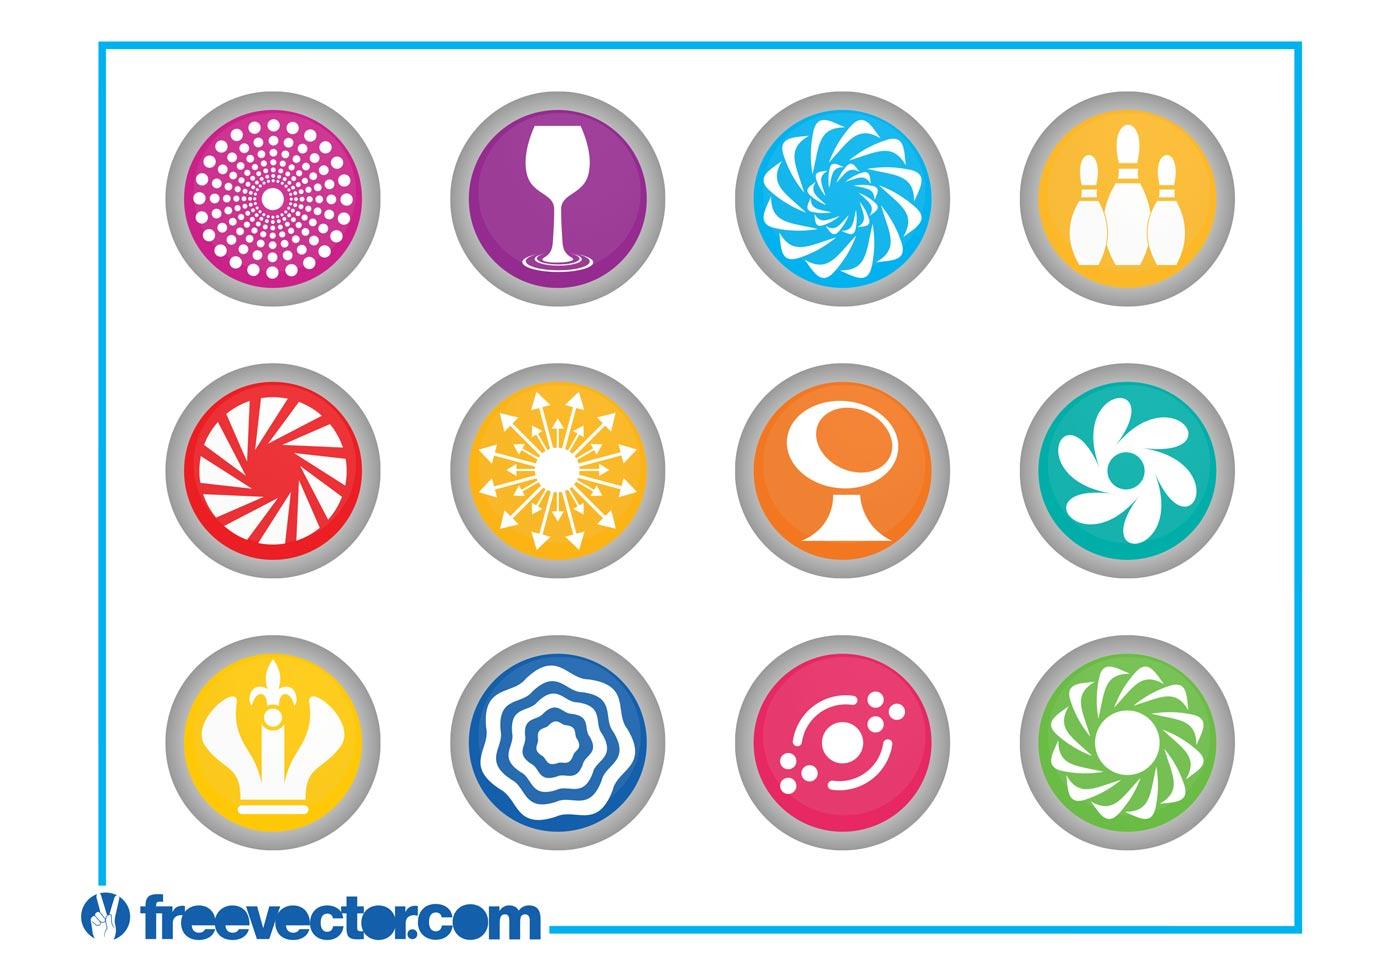 Создаем в фотошопе круглый логотип с декоративным 7